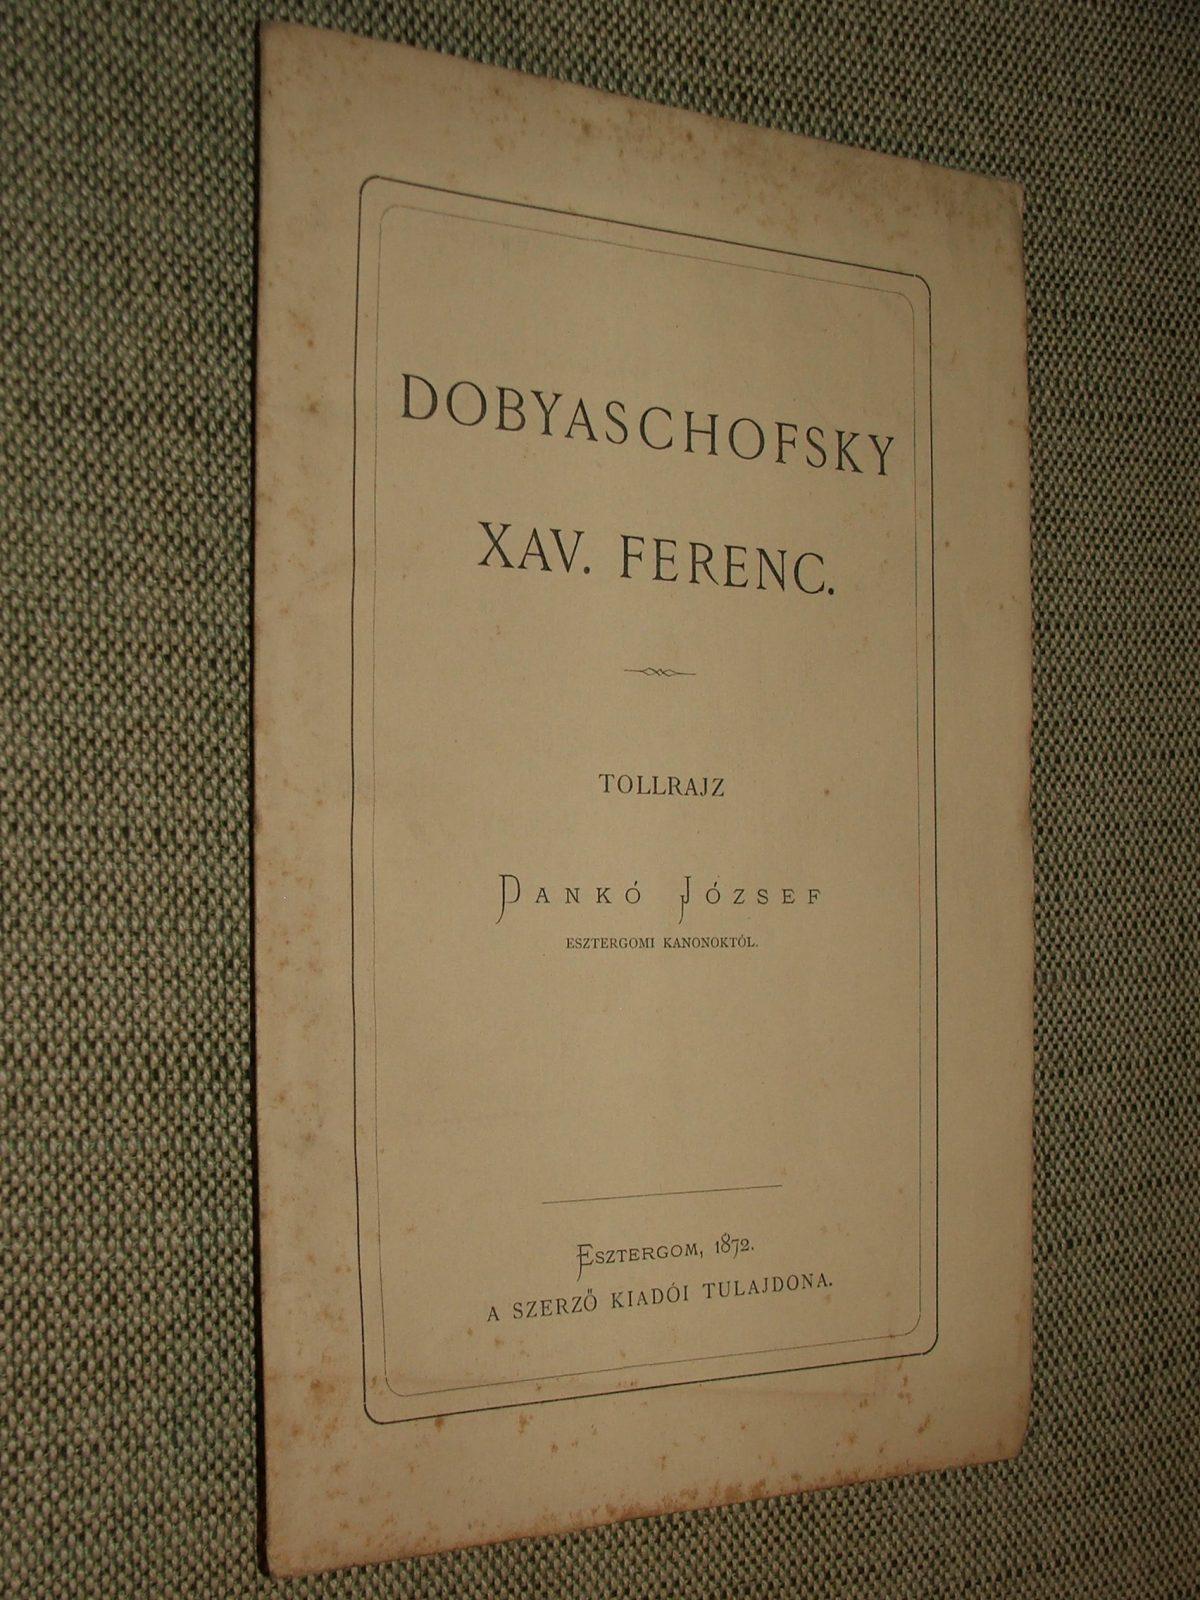 DANKÓ József: DOBYASCHOFSKY Xav.(ér) Ferenc.